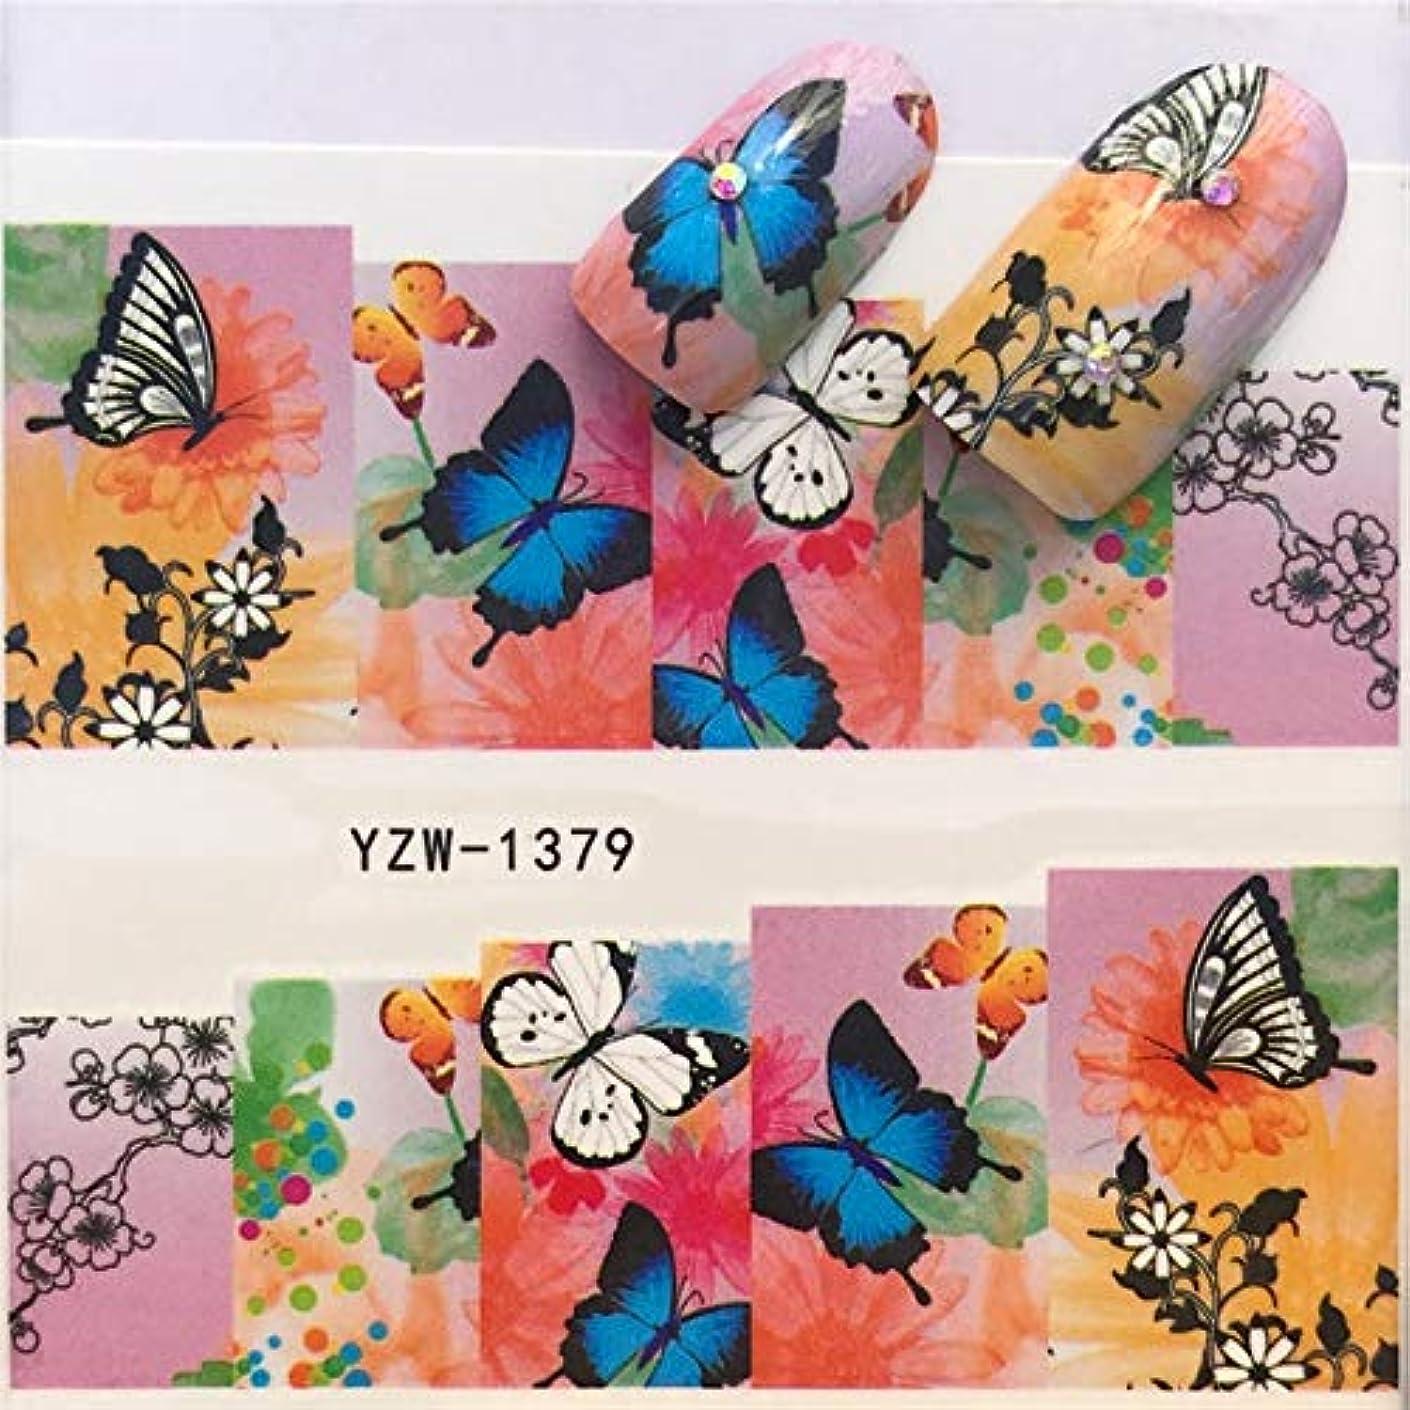 ハイブリッド病な願う手足ビューティーケア 3ピースネイルステッカーセットデカール水転写スライダーネイルアートデコレーション、色:YZW1379